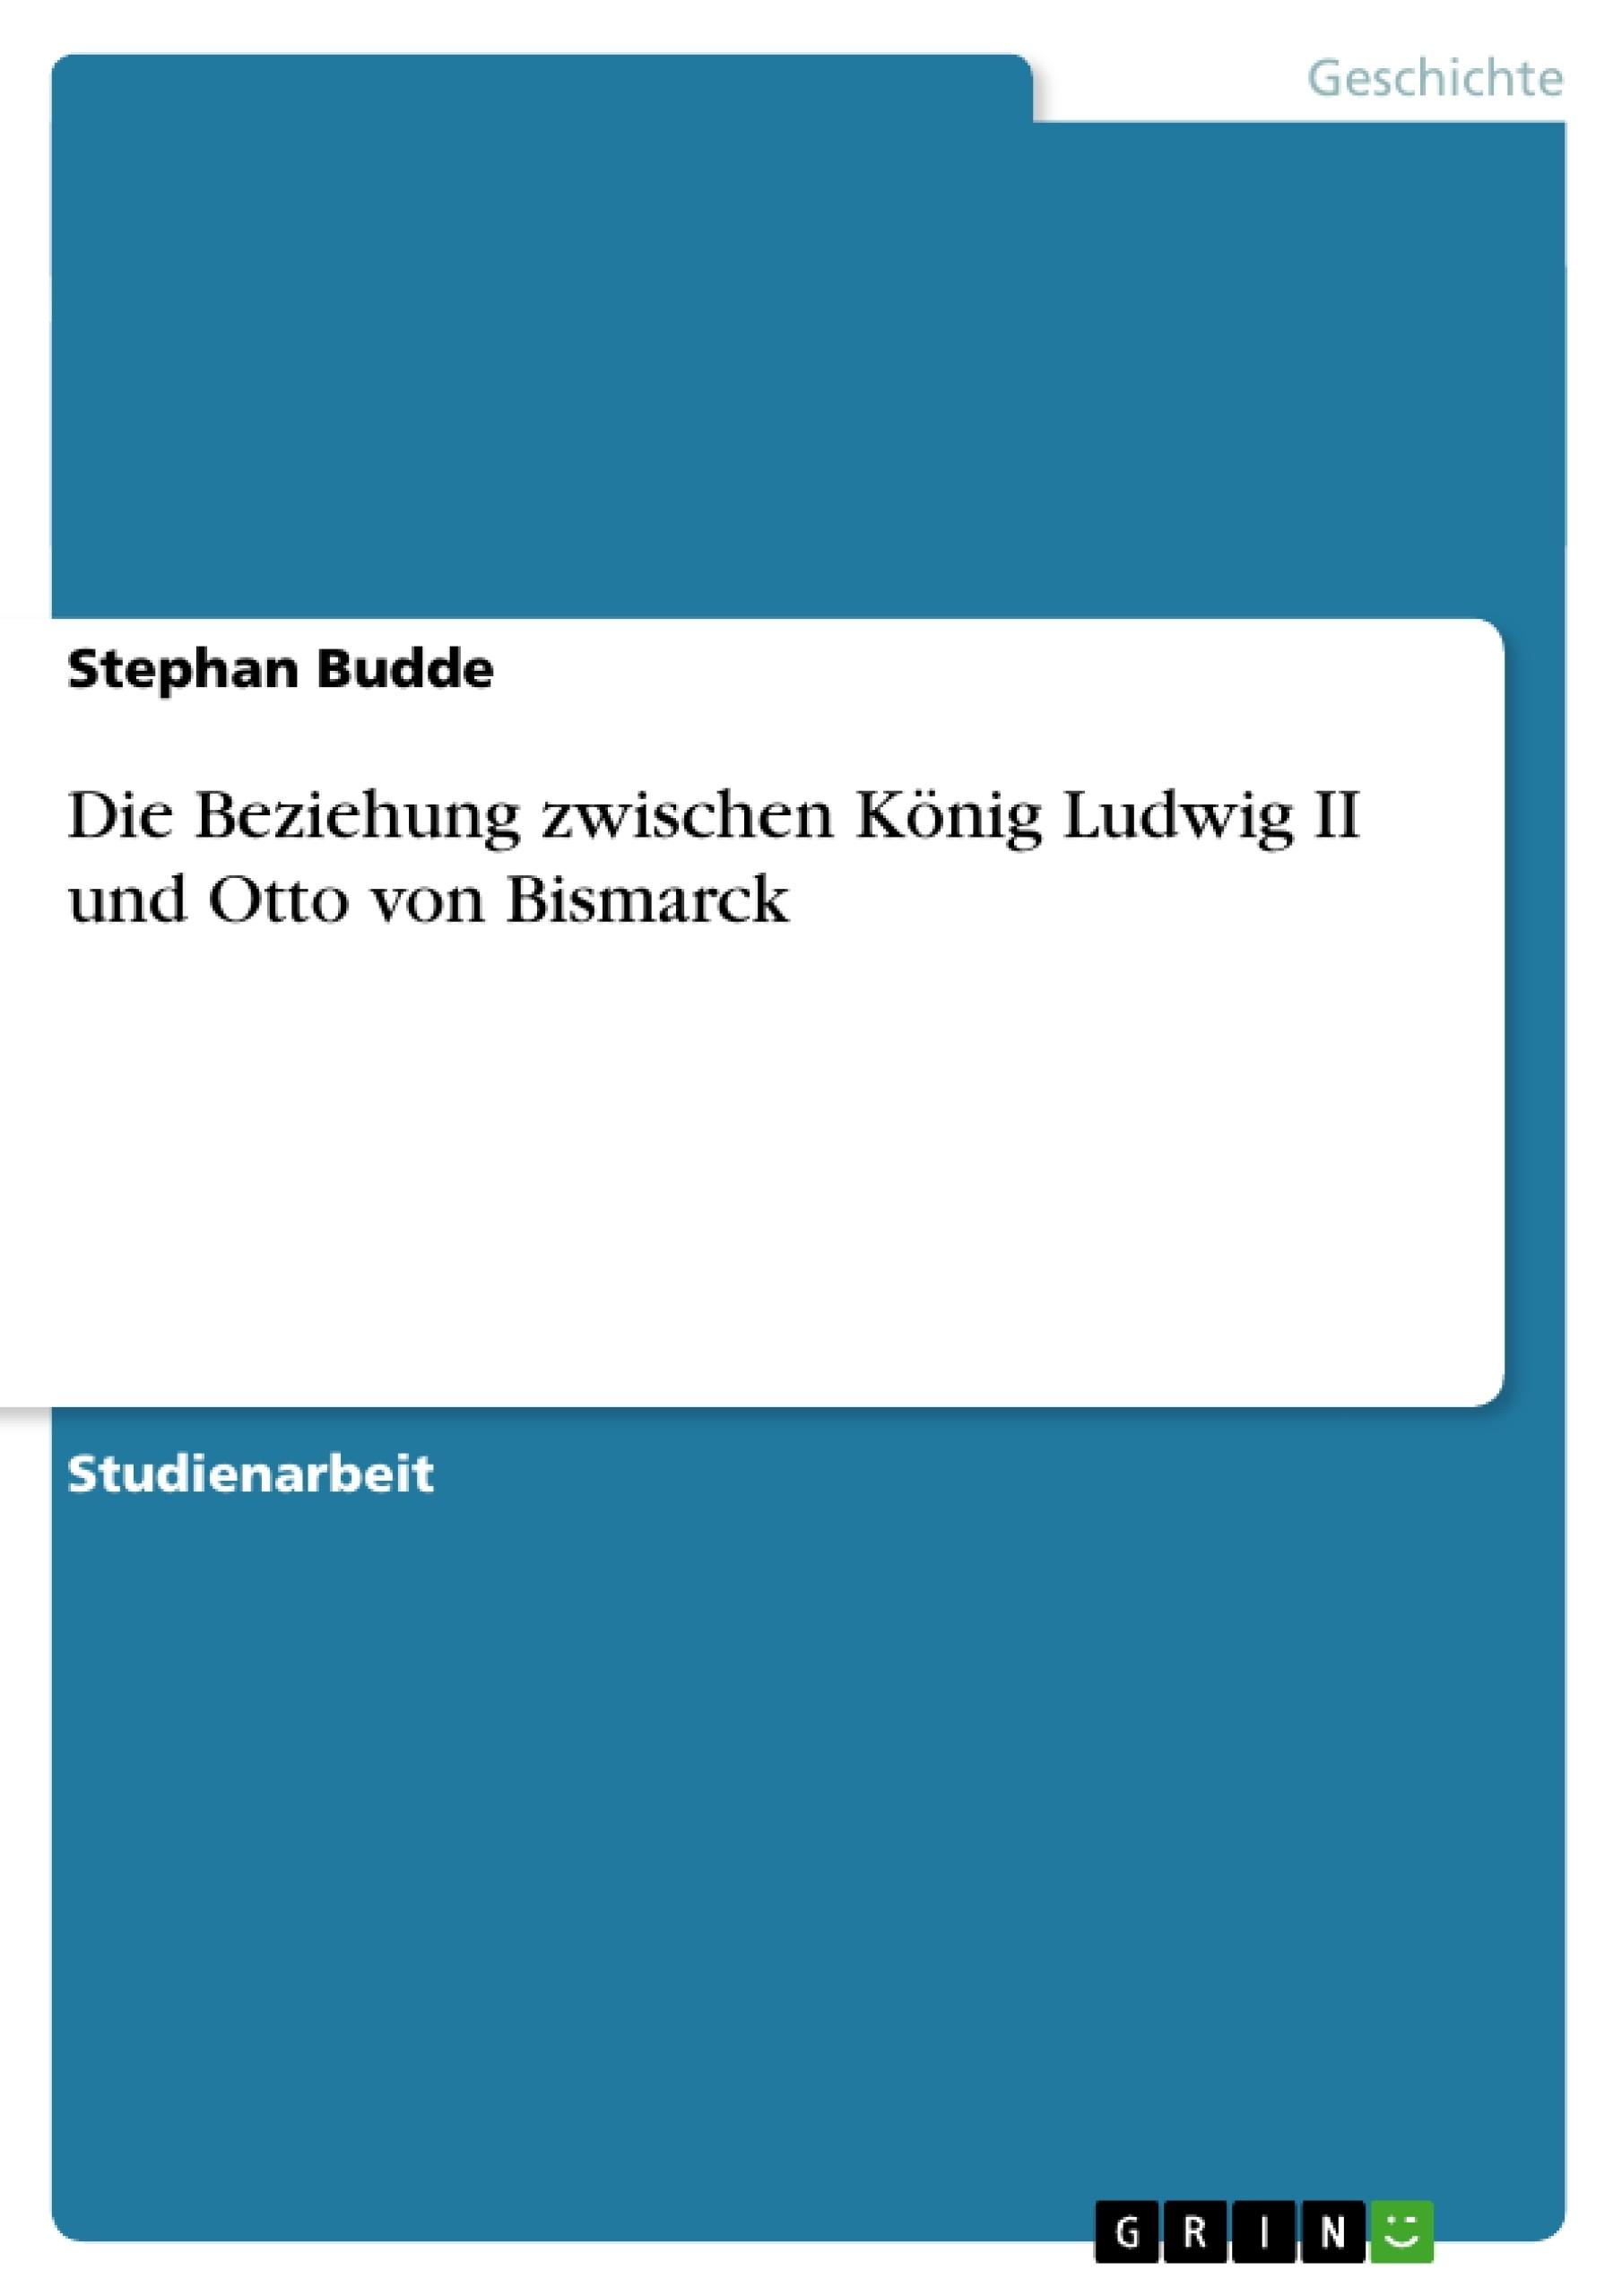 Titel: Die Beziehung zwischen König Ludwig II und Otto von Bismarck